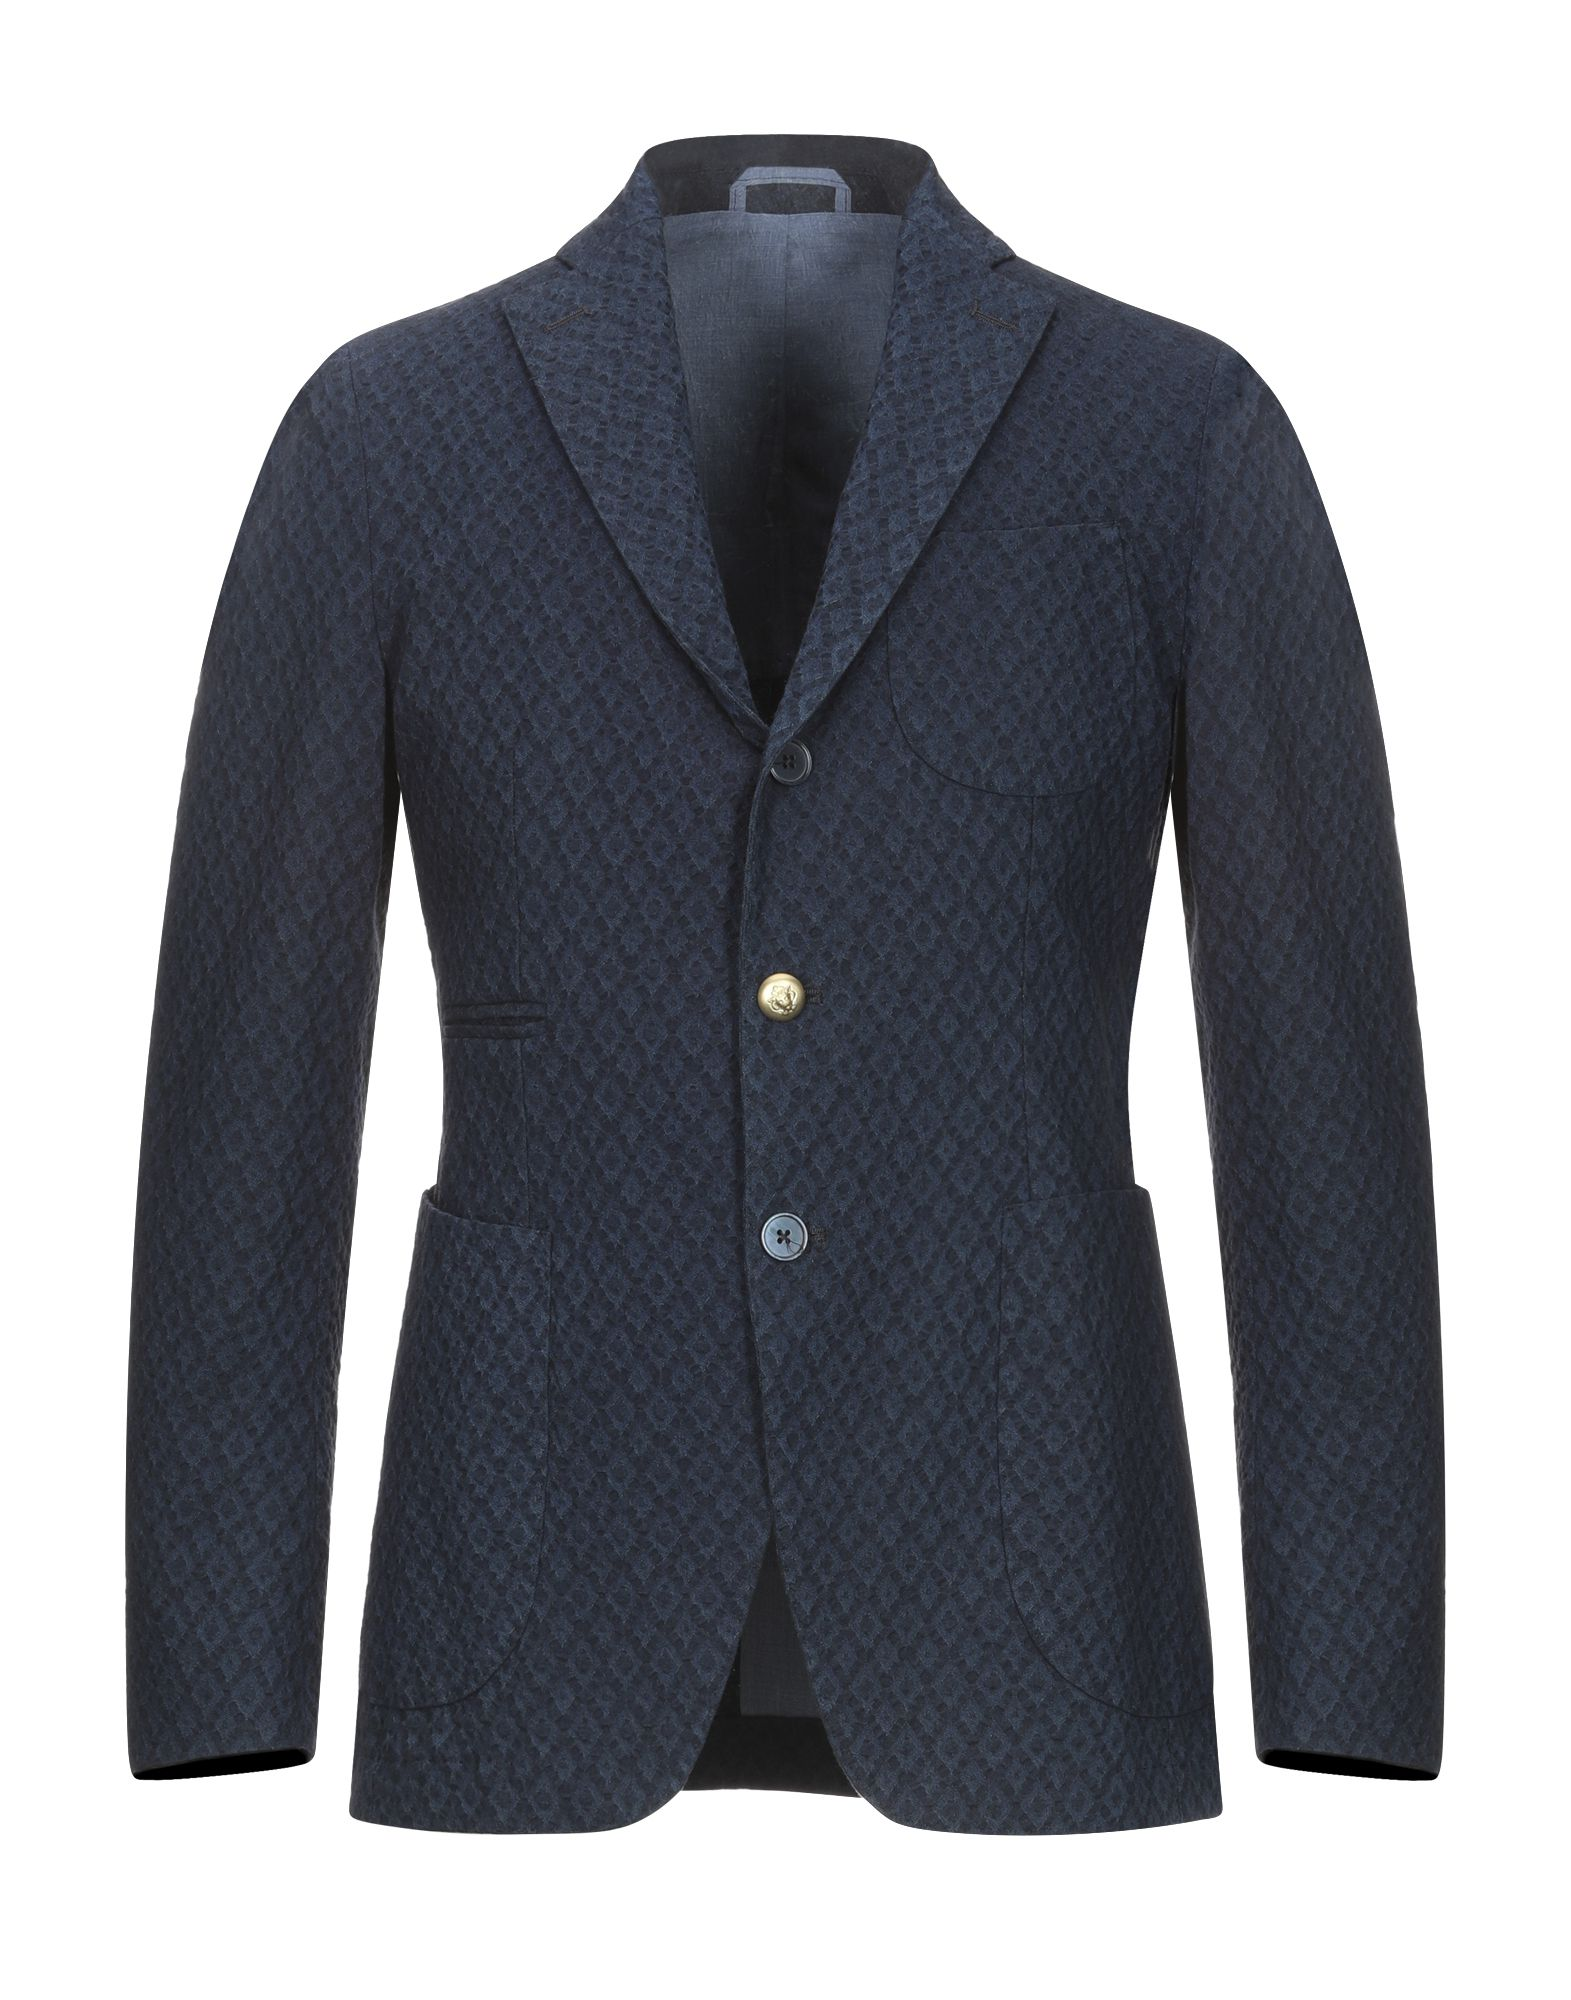 《期間限定セール開催中!》JOHN SHEEP メンズ テーラードジャケット ブルー 46 100% コットン